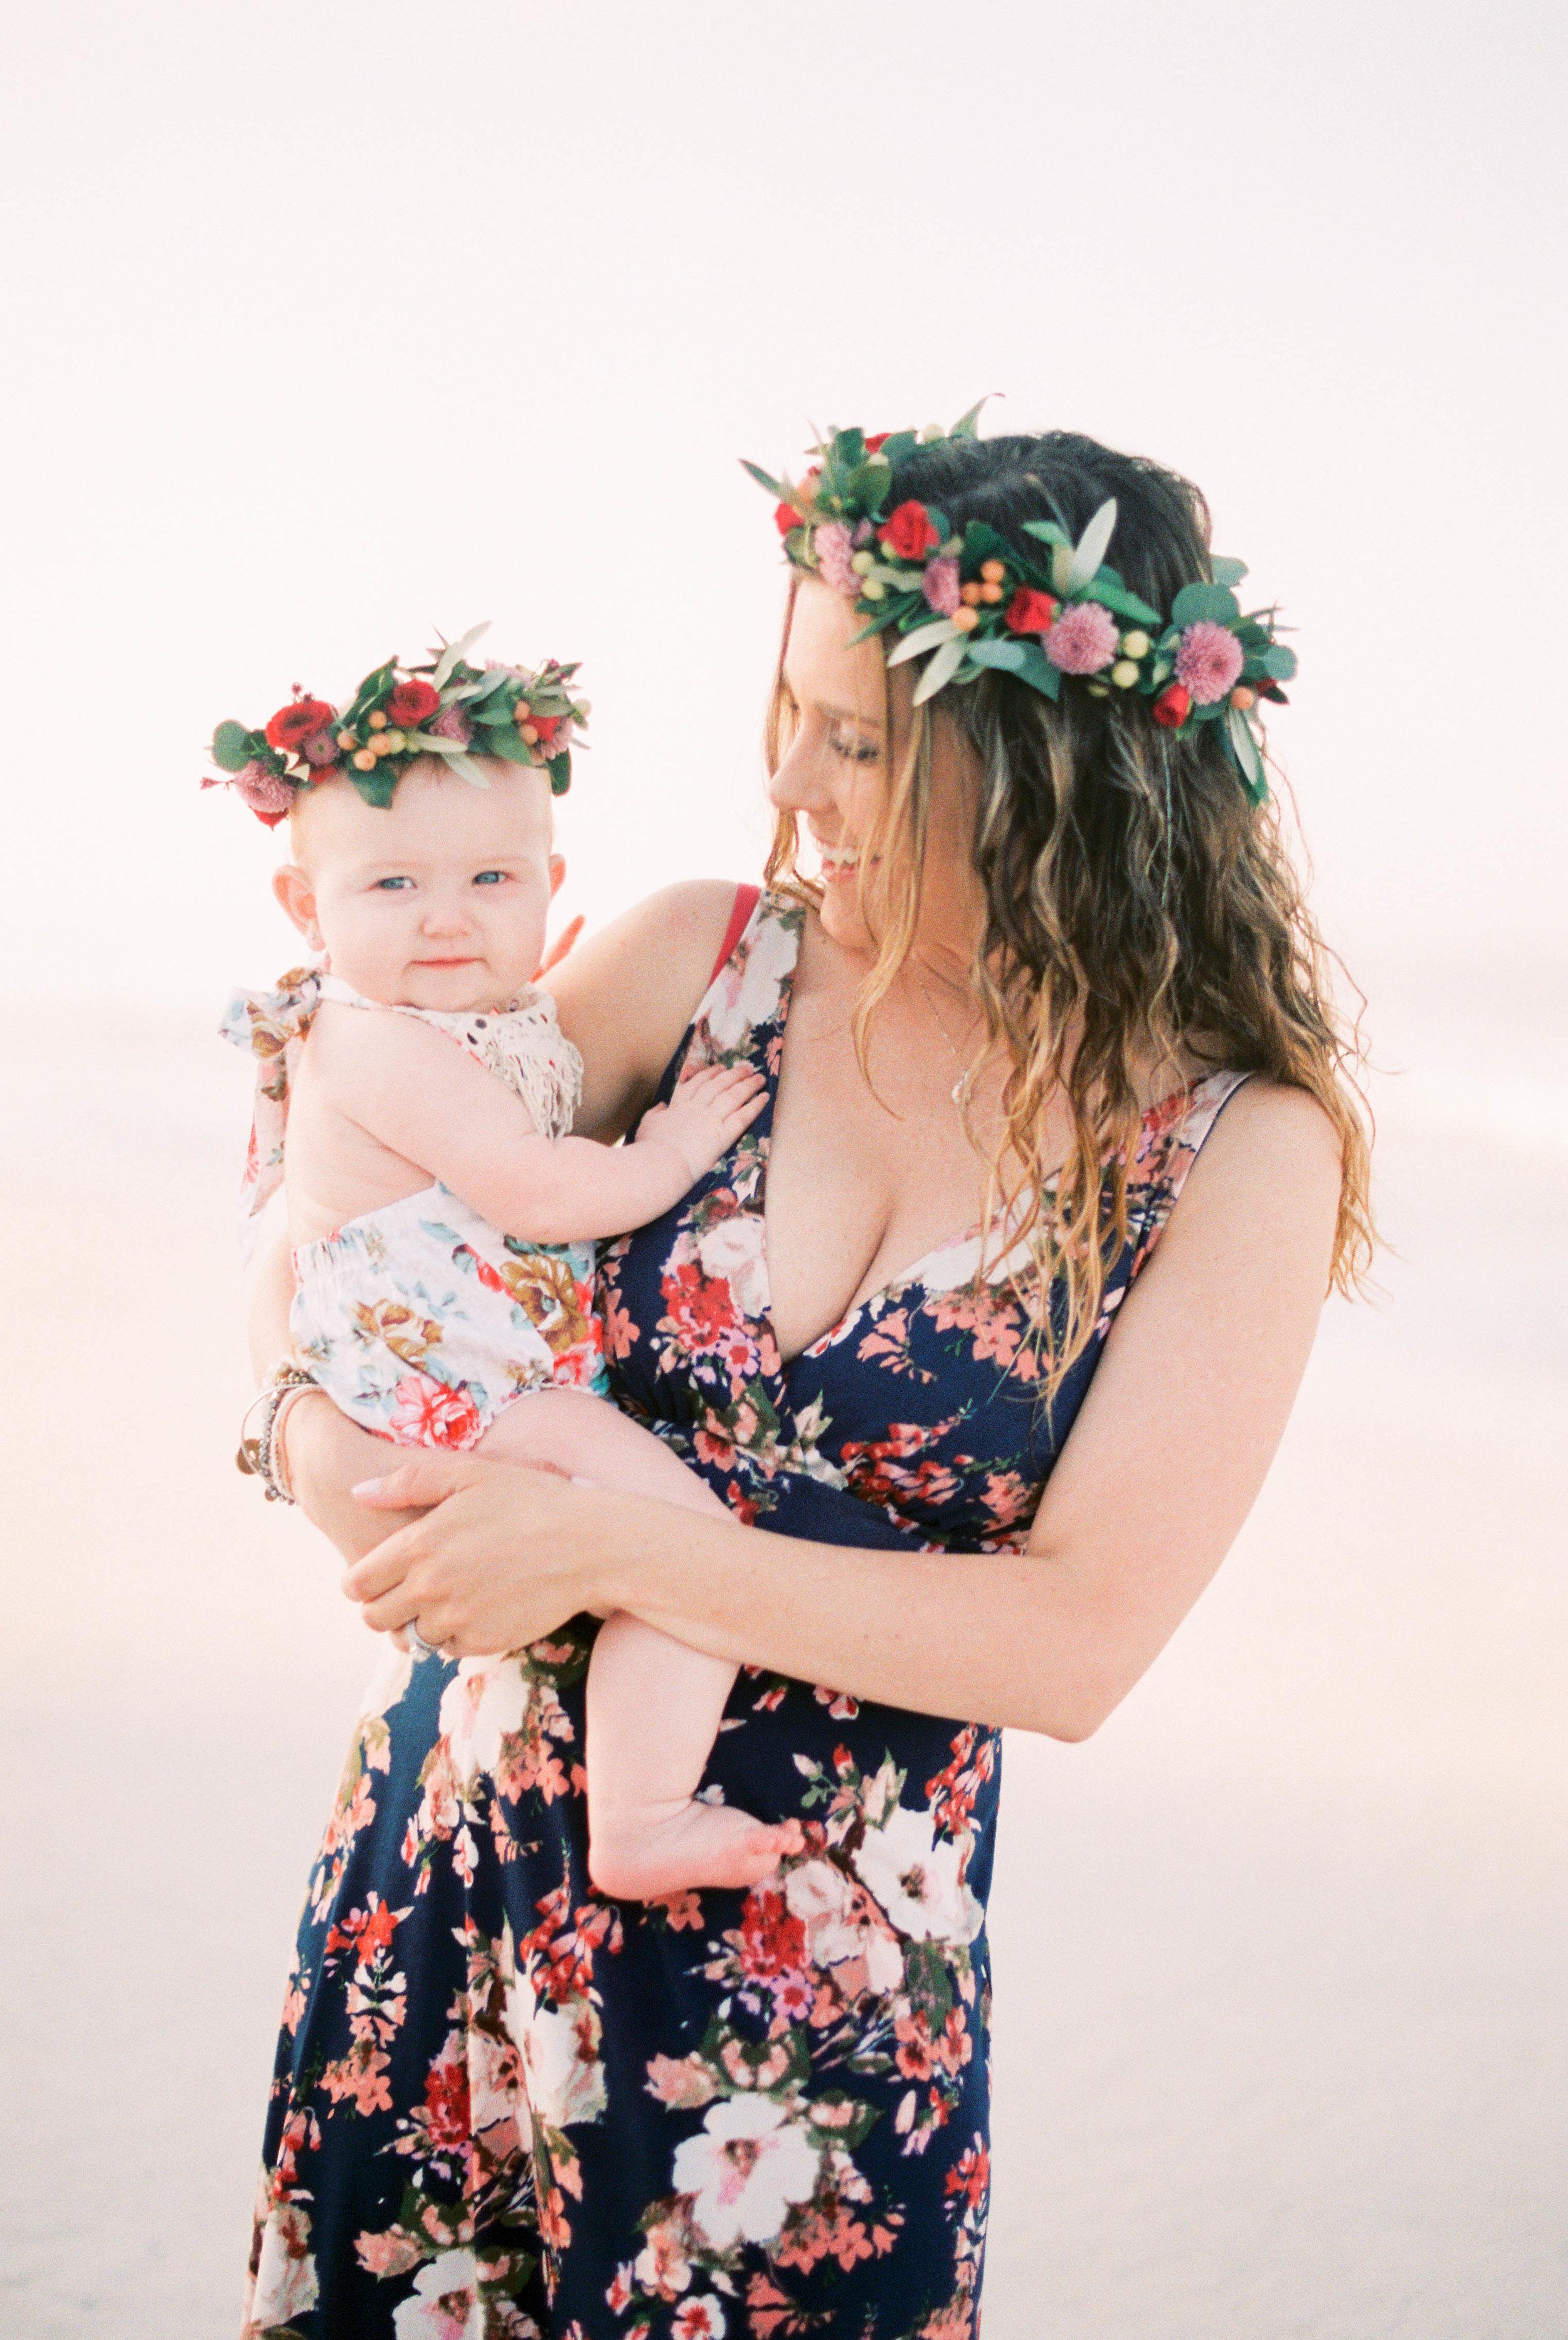 Seaside Family Photography 1-16.jpg